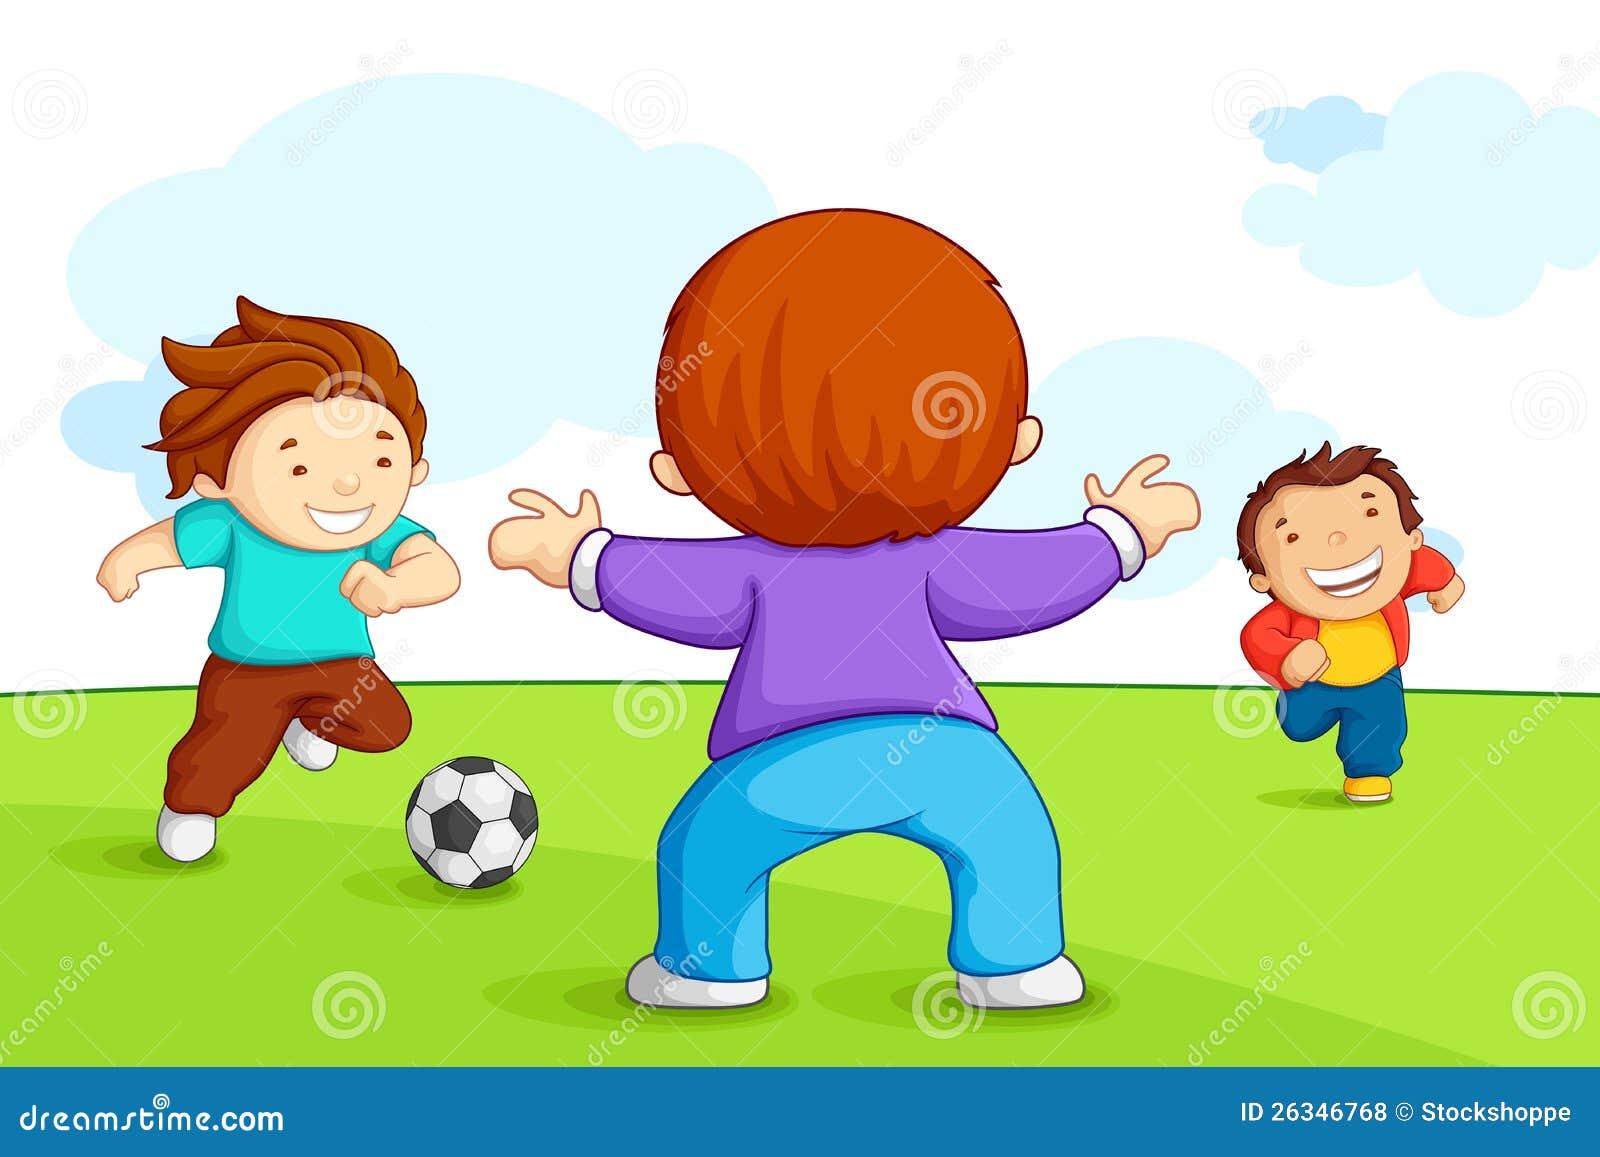 Bambini Che Giocano Calcio Illustrazione Vettoriale Illustrazione